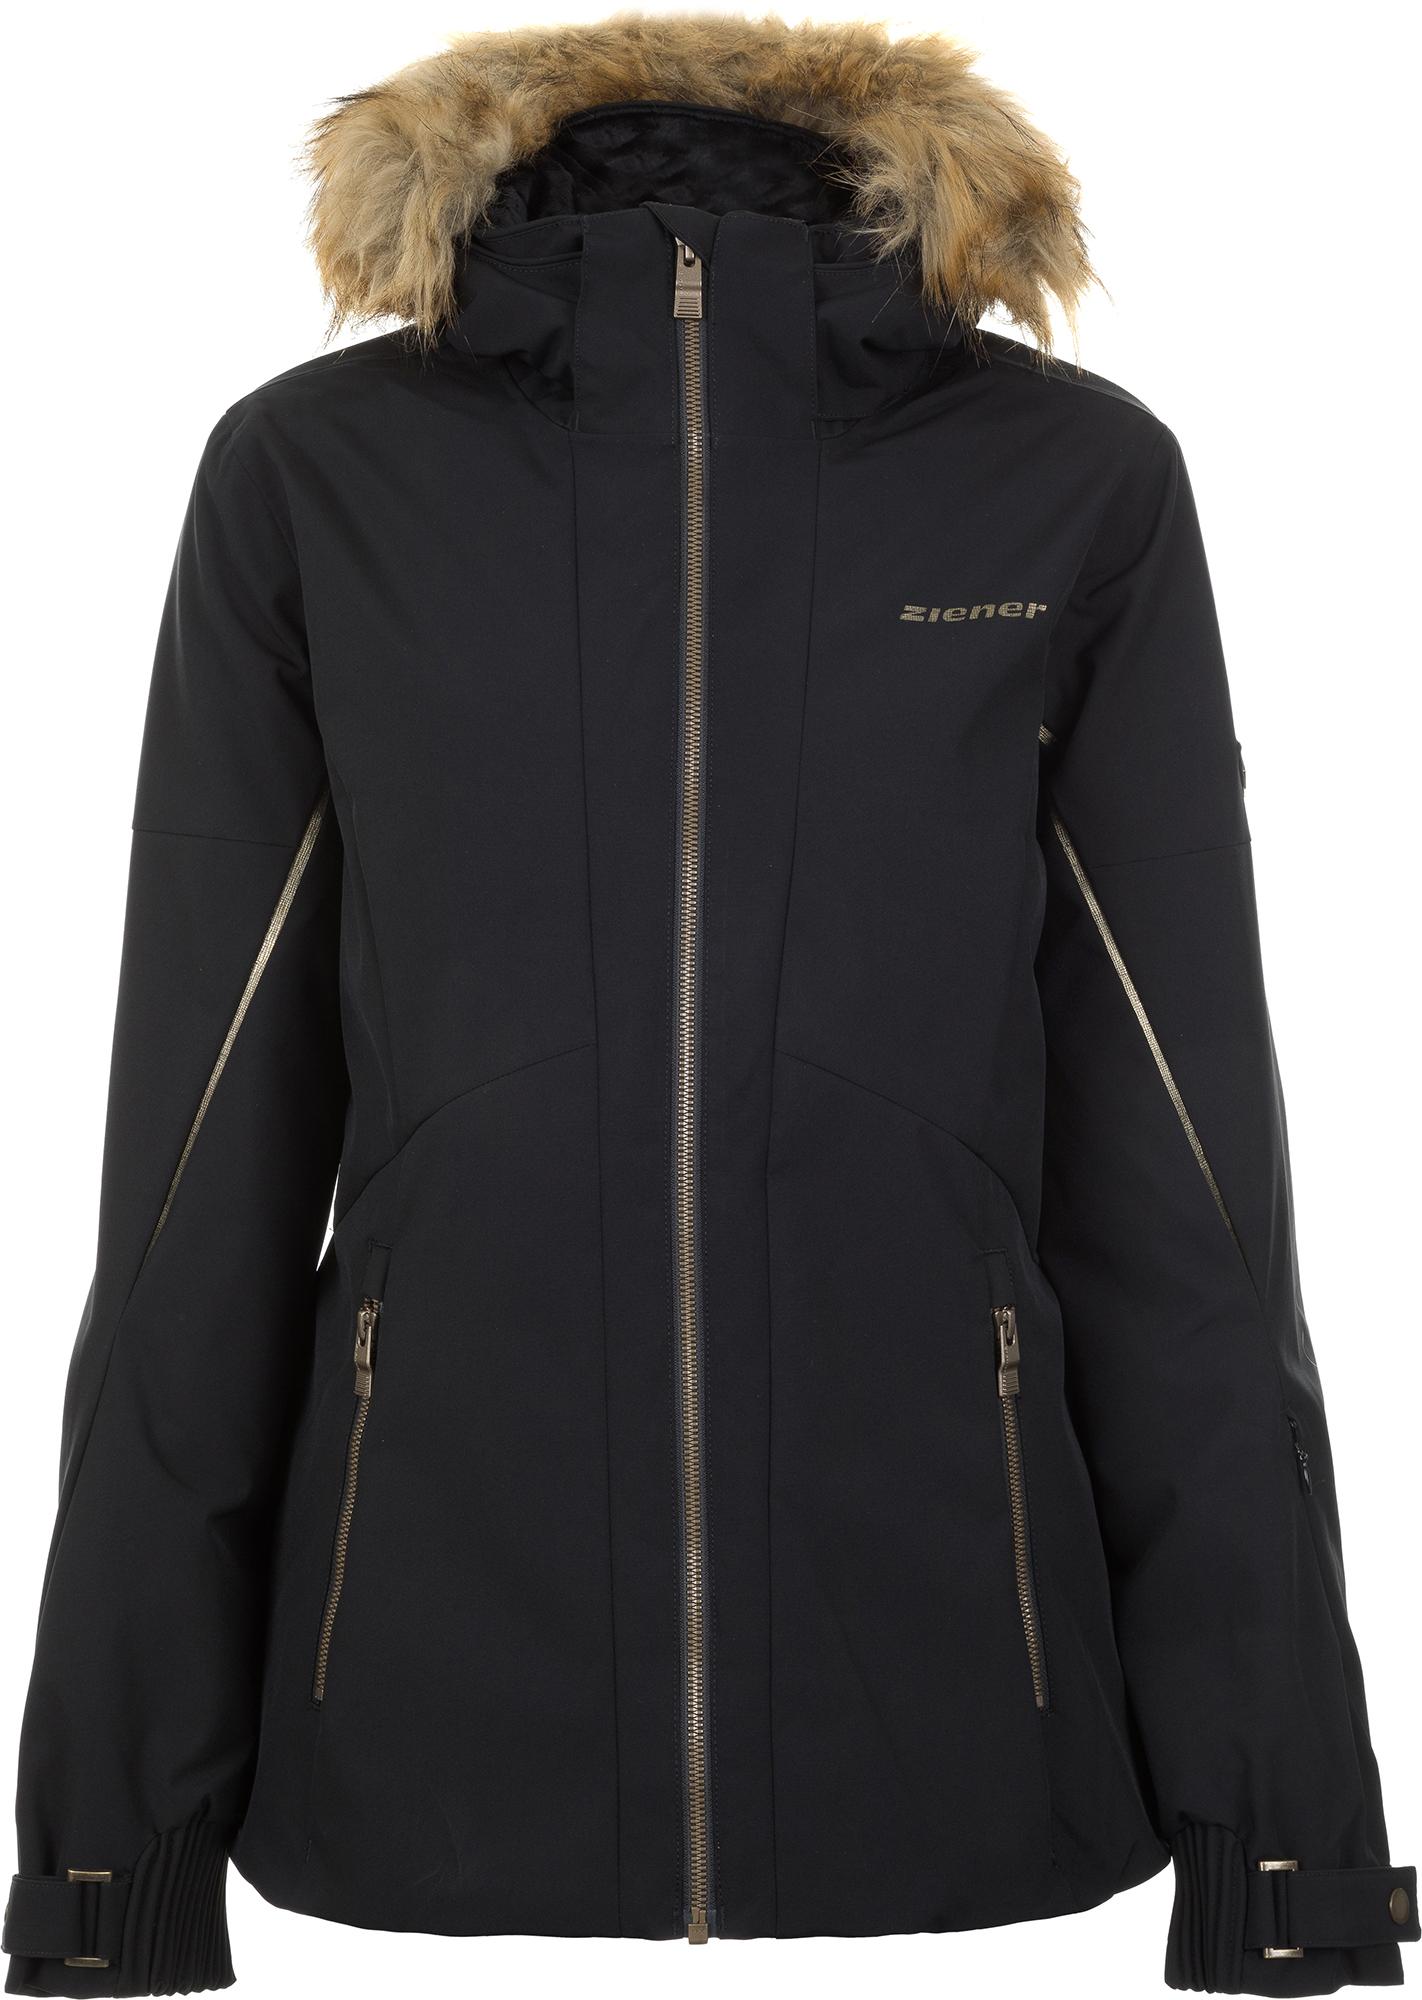 Ziener Куртка утепленная женская Ziener Tanda, размер 48